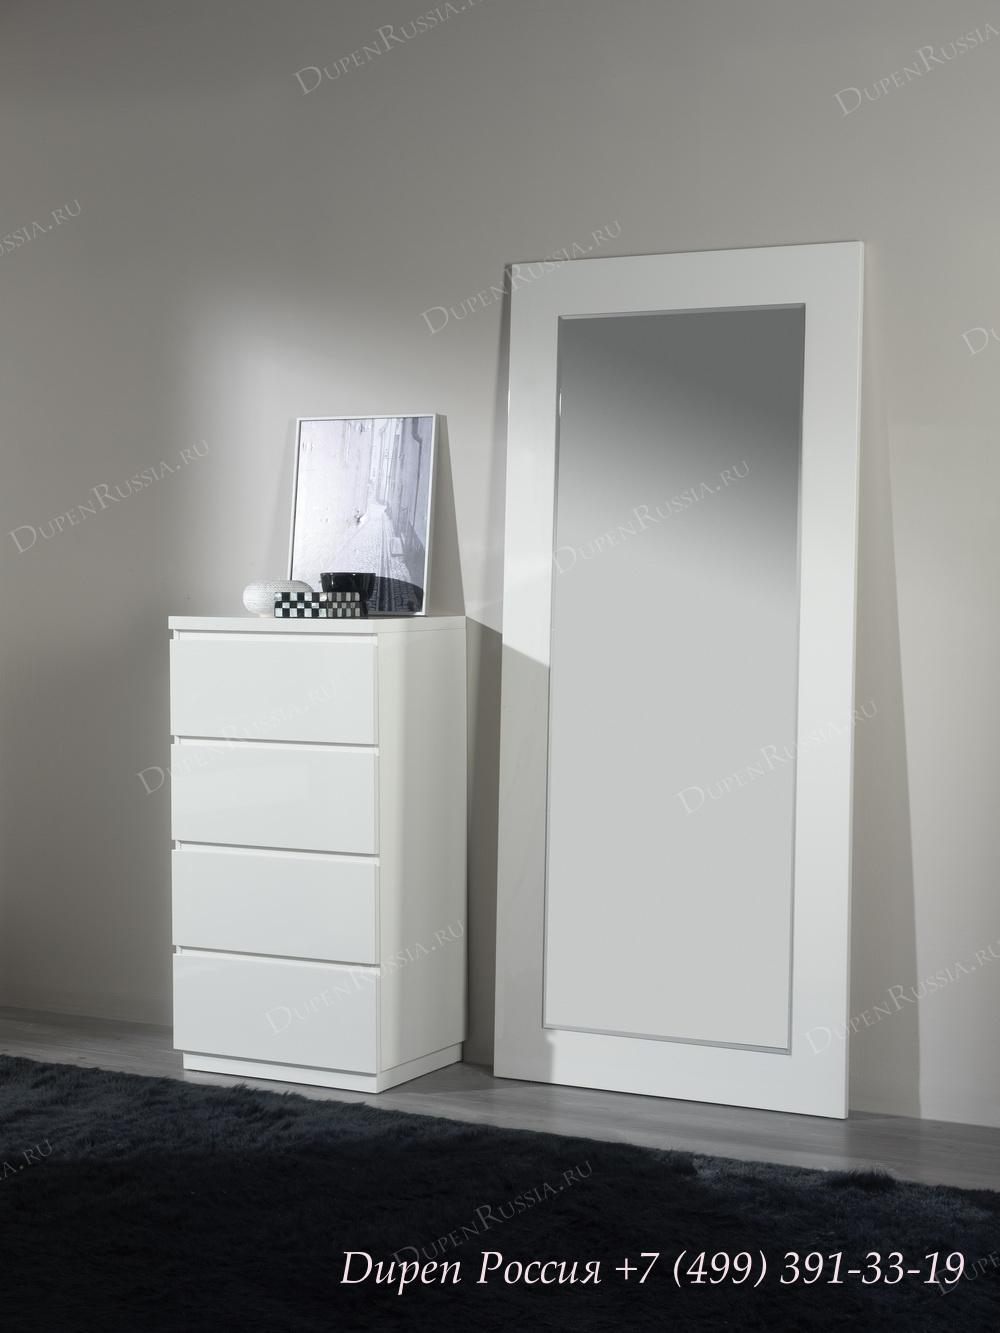 Комод вертикальный DUPEN S-111 Белый, Зеркало DUPEN E-77 белое